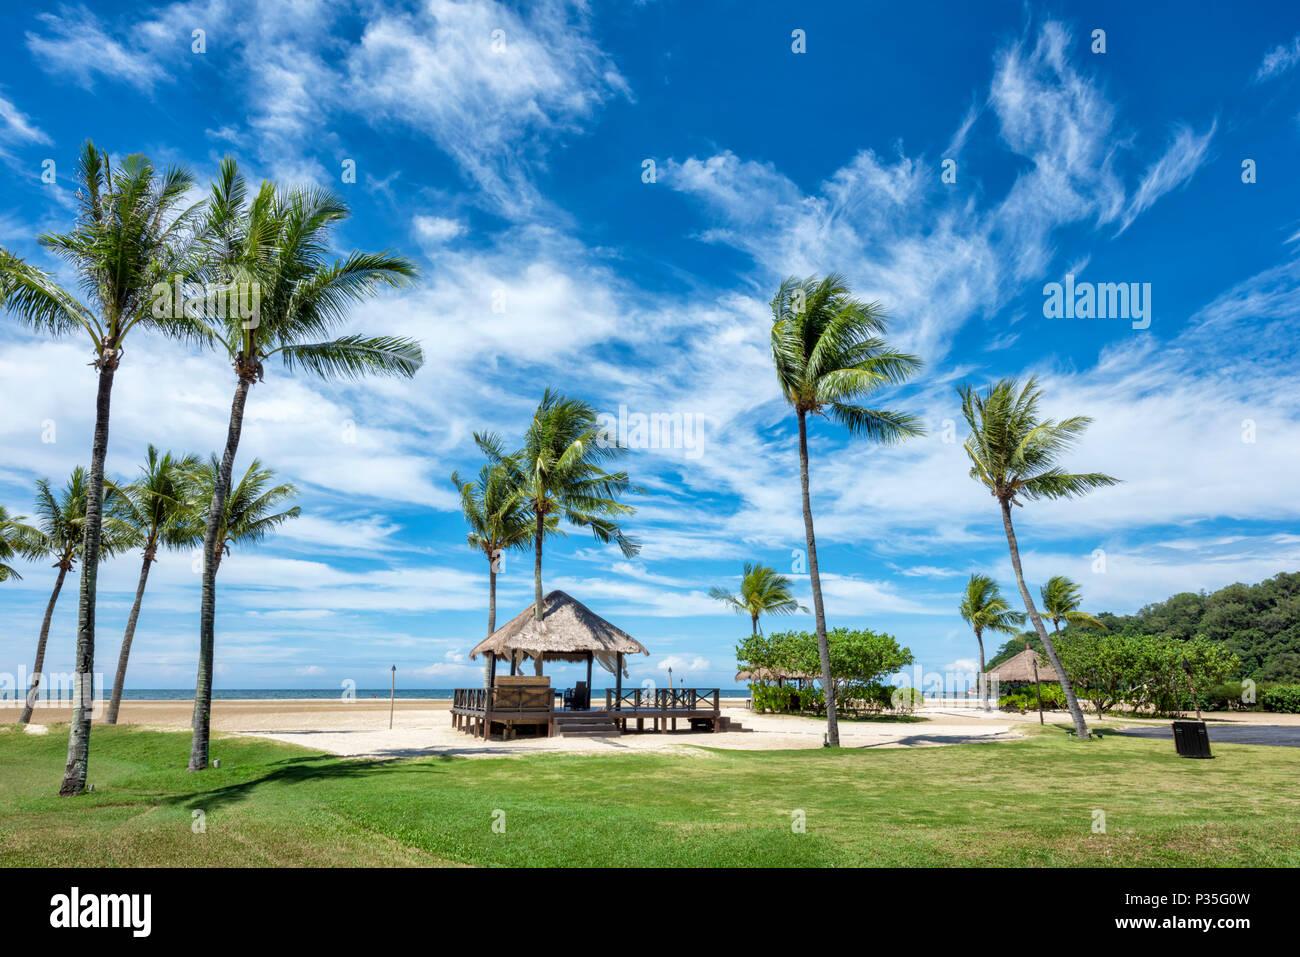 Il lussureggiante Parco di Shangri La Rasa Ria Hotel e Resort in Kota Kinabalu, Borneo Malaysia Immagini Stock